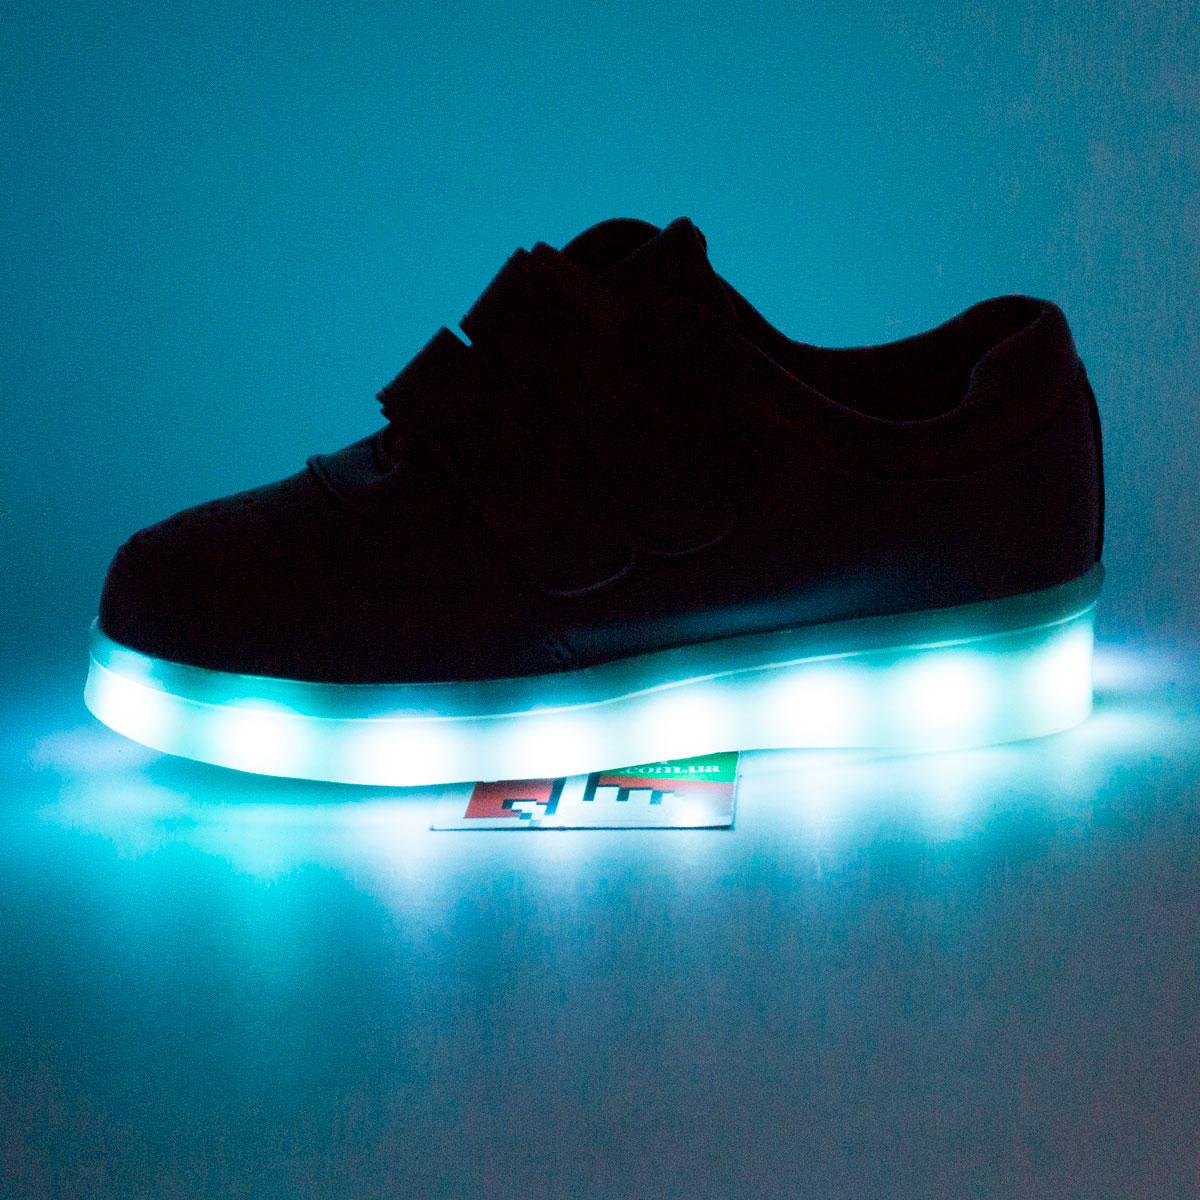 фото main Светящиеся кроссовки Led низкие черные на липучке main